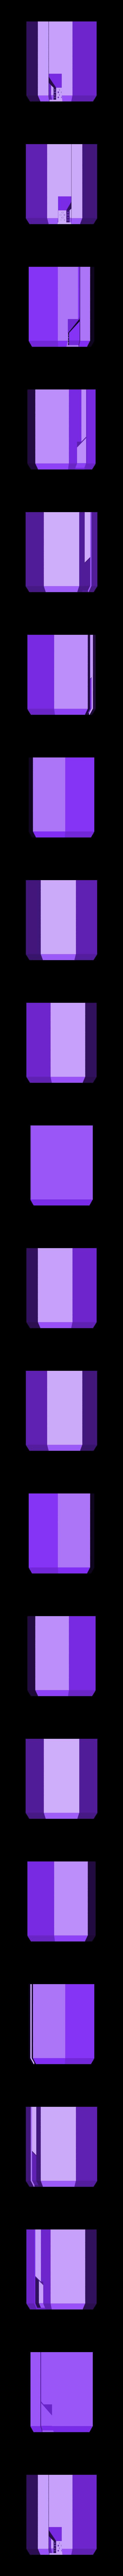 V10planter_body.STL Télécharger fichier STL gratuit Planteur auto-arrosage multi-couleurs • Objet à imprimer en 3D, MosaicManufacturing